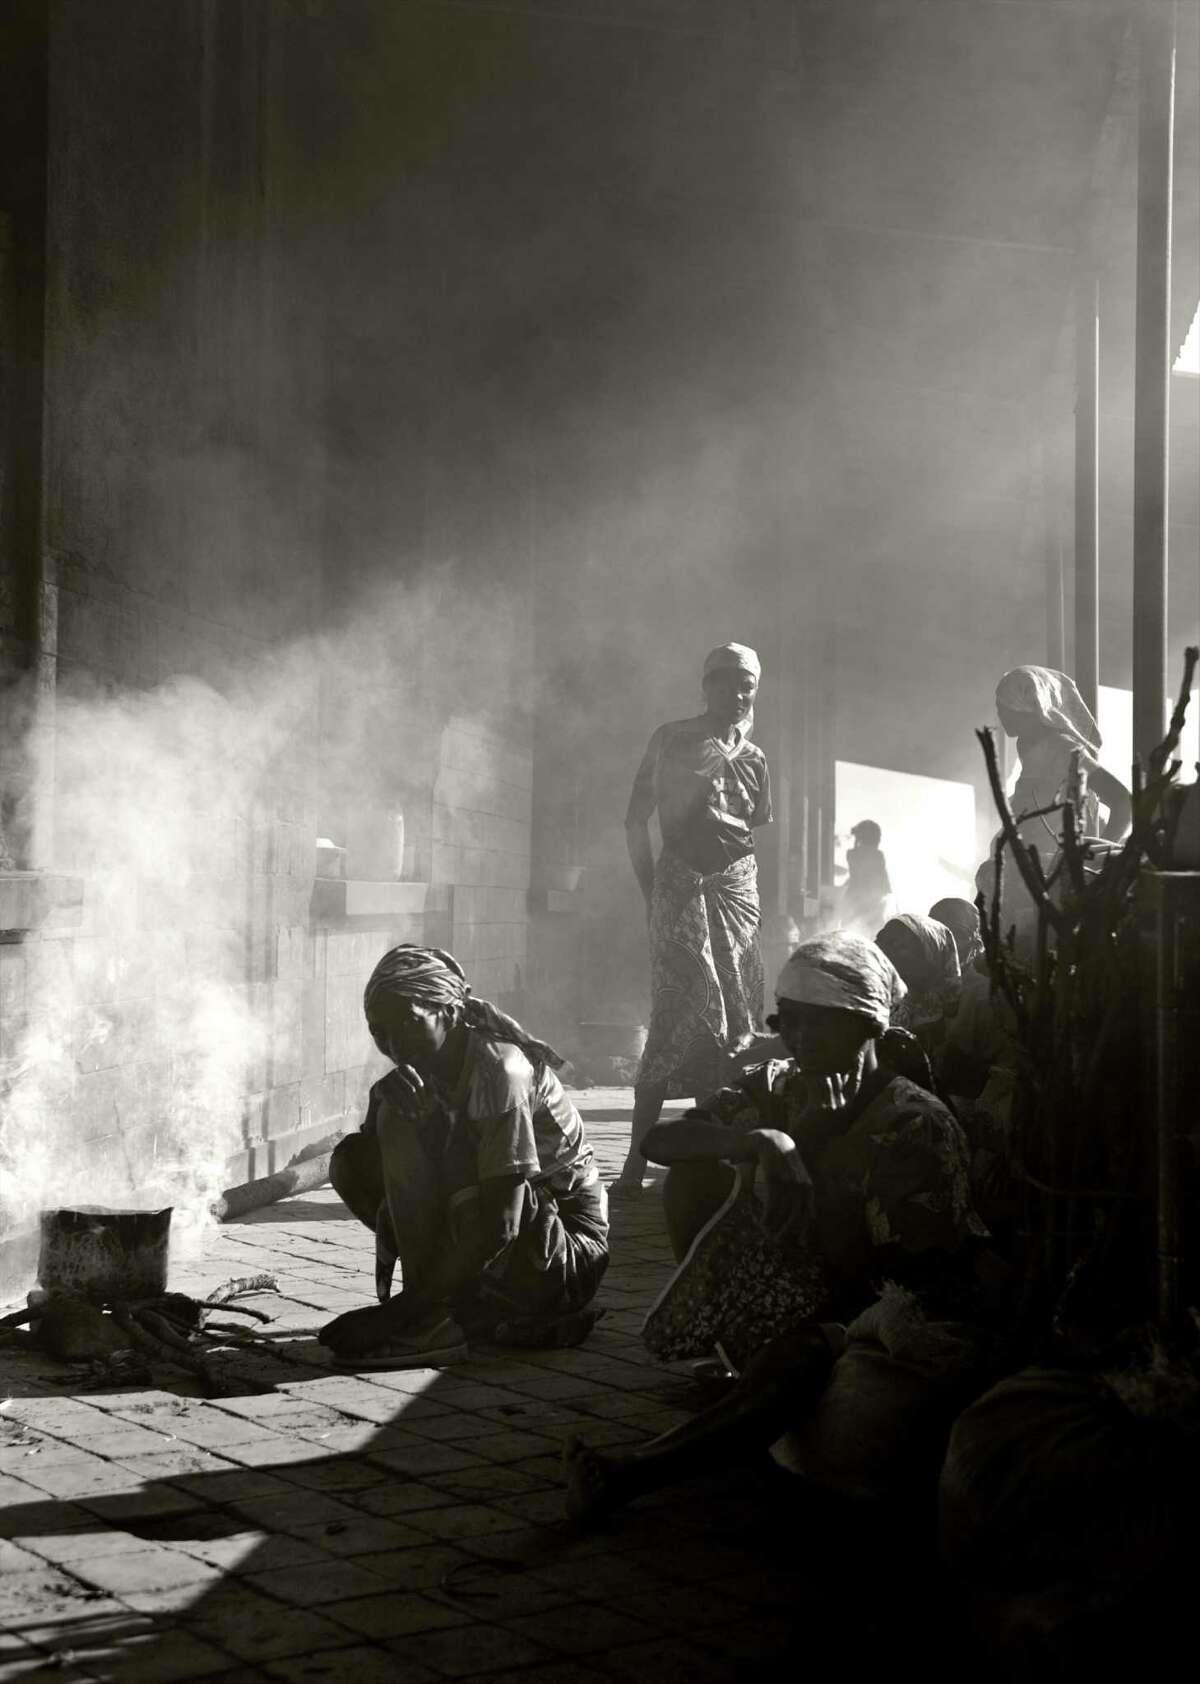 Angola, 2008 - War widows.